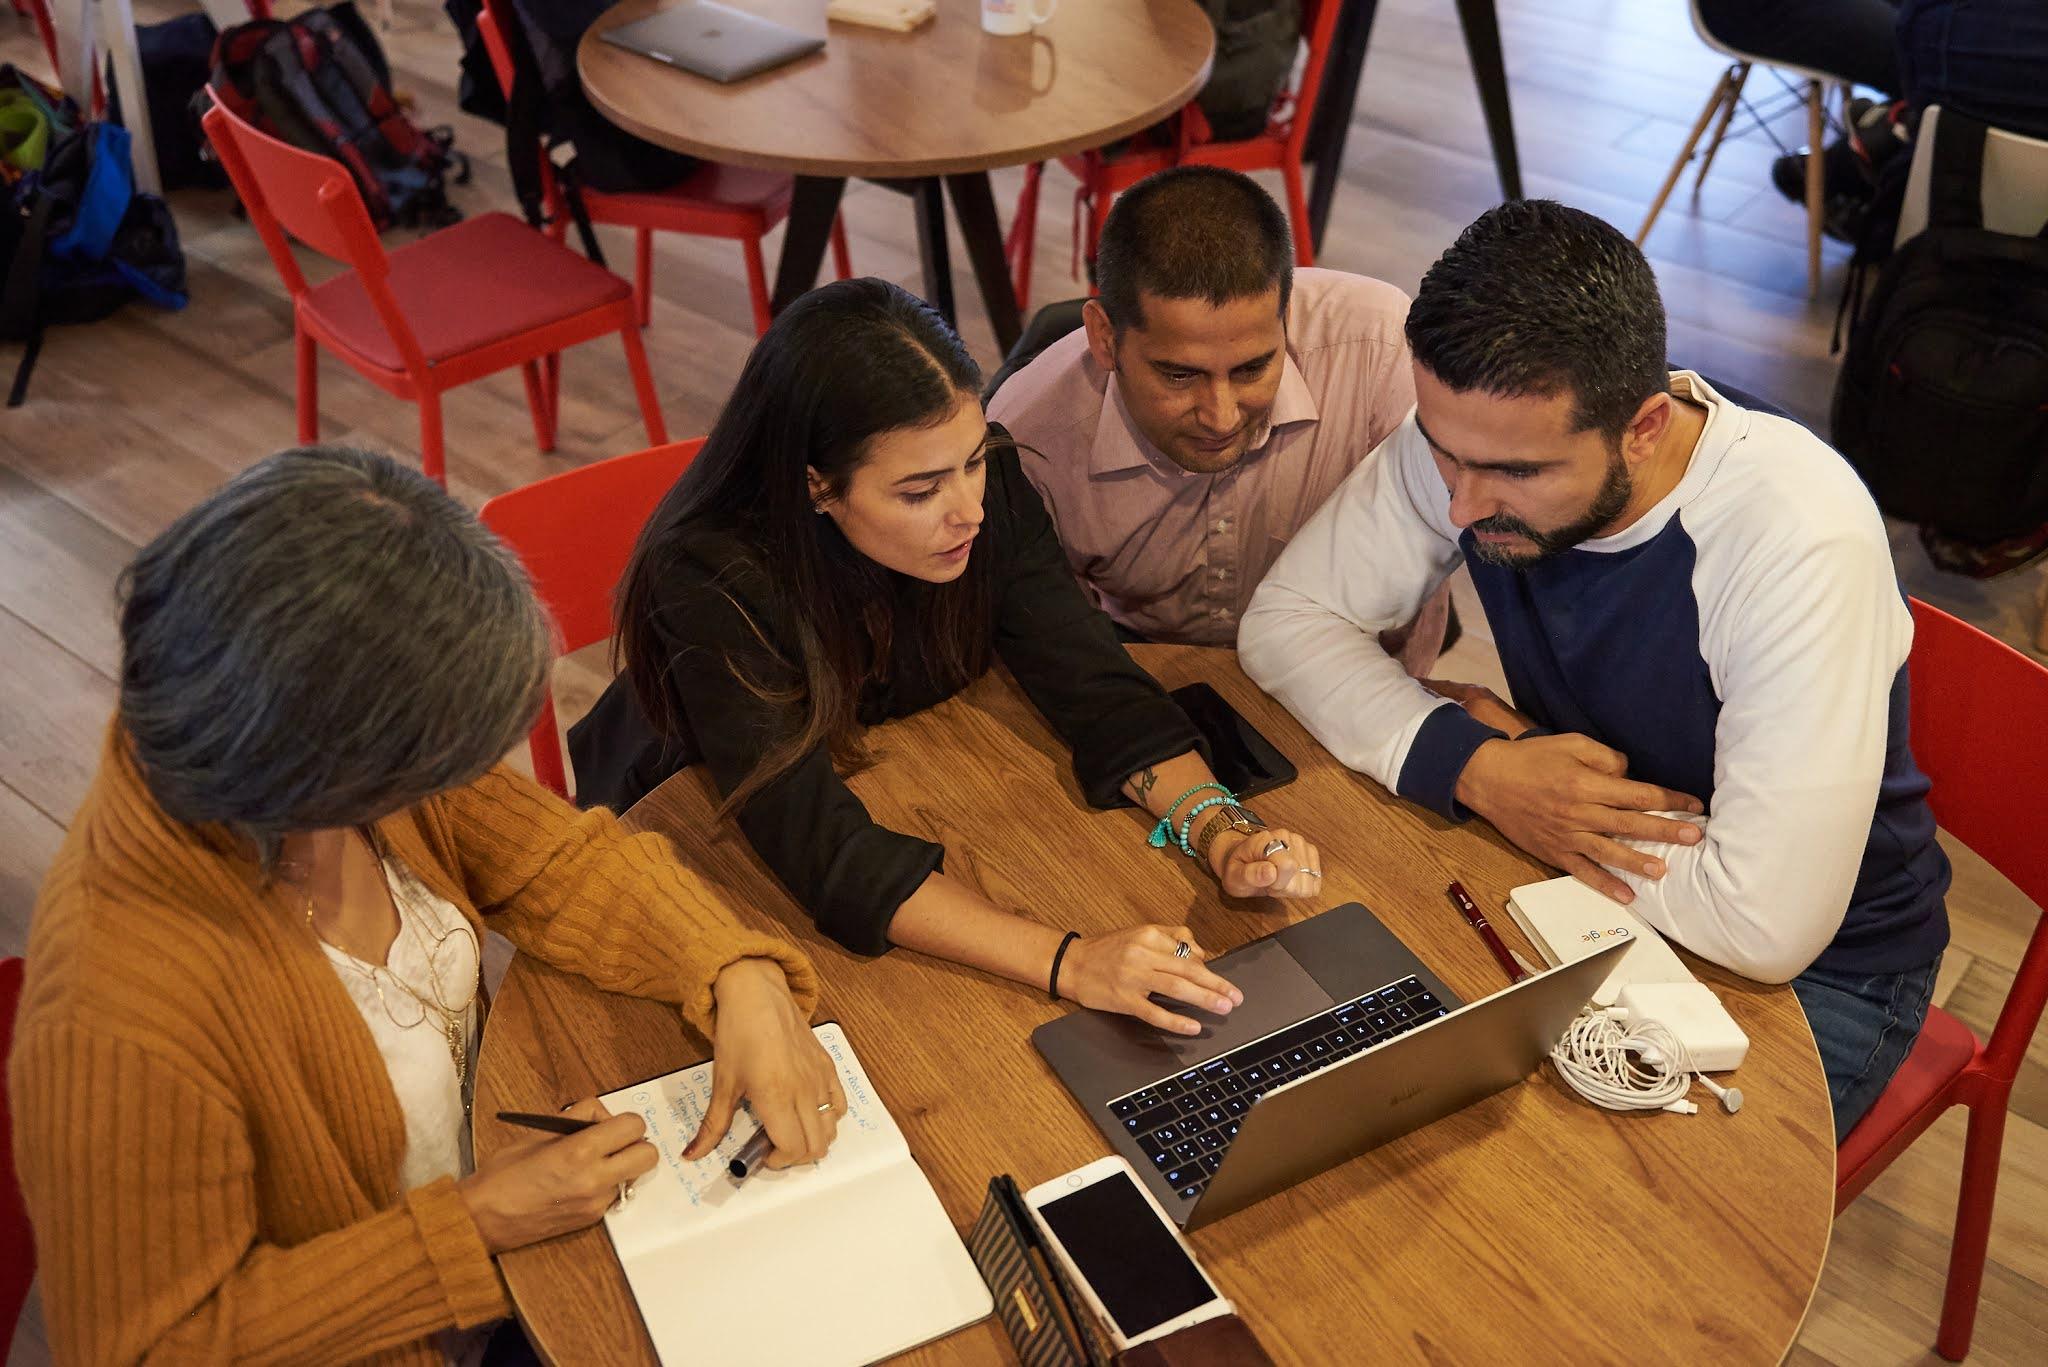 Se abre convocatoria en busca de empresas digitales colombianas que quieran expandirse a mercados internacionales